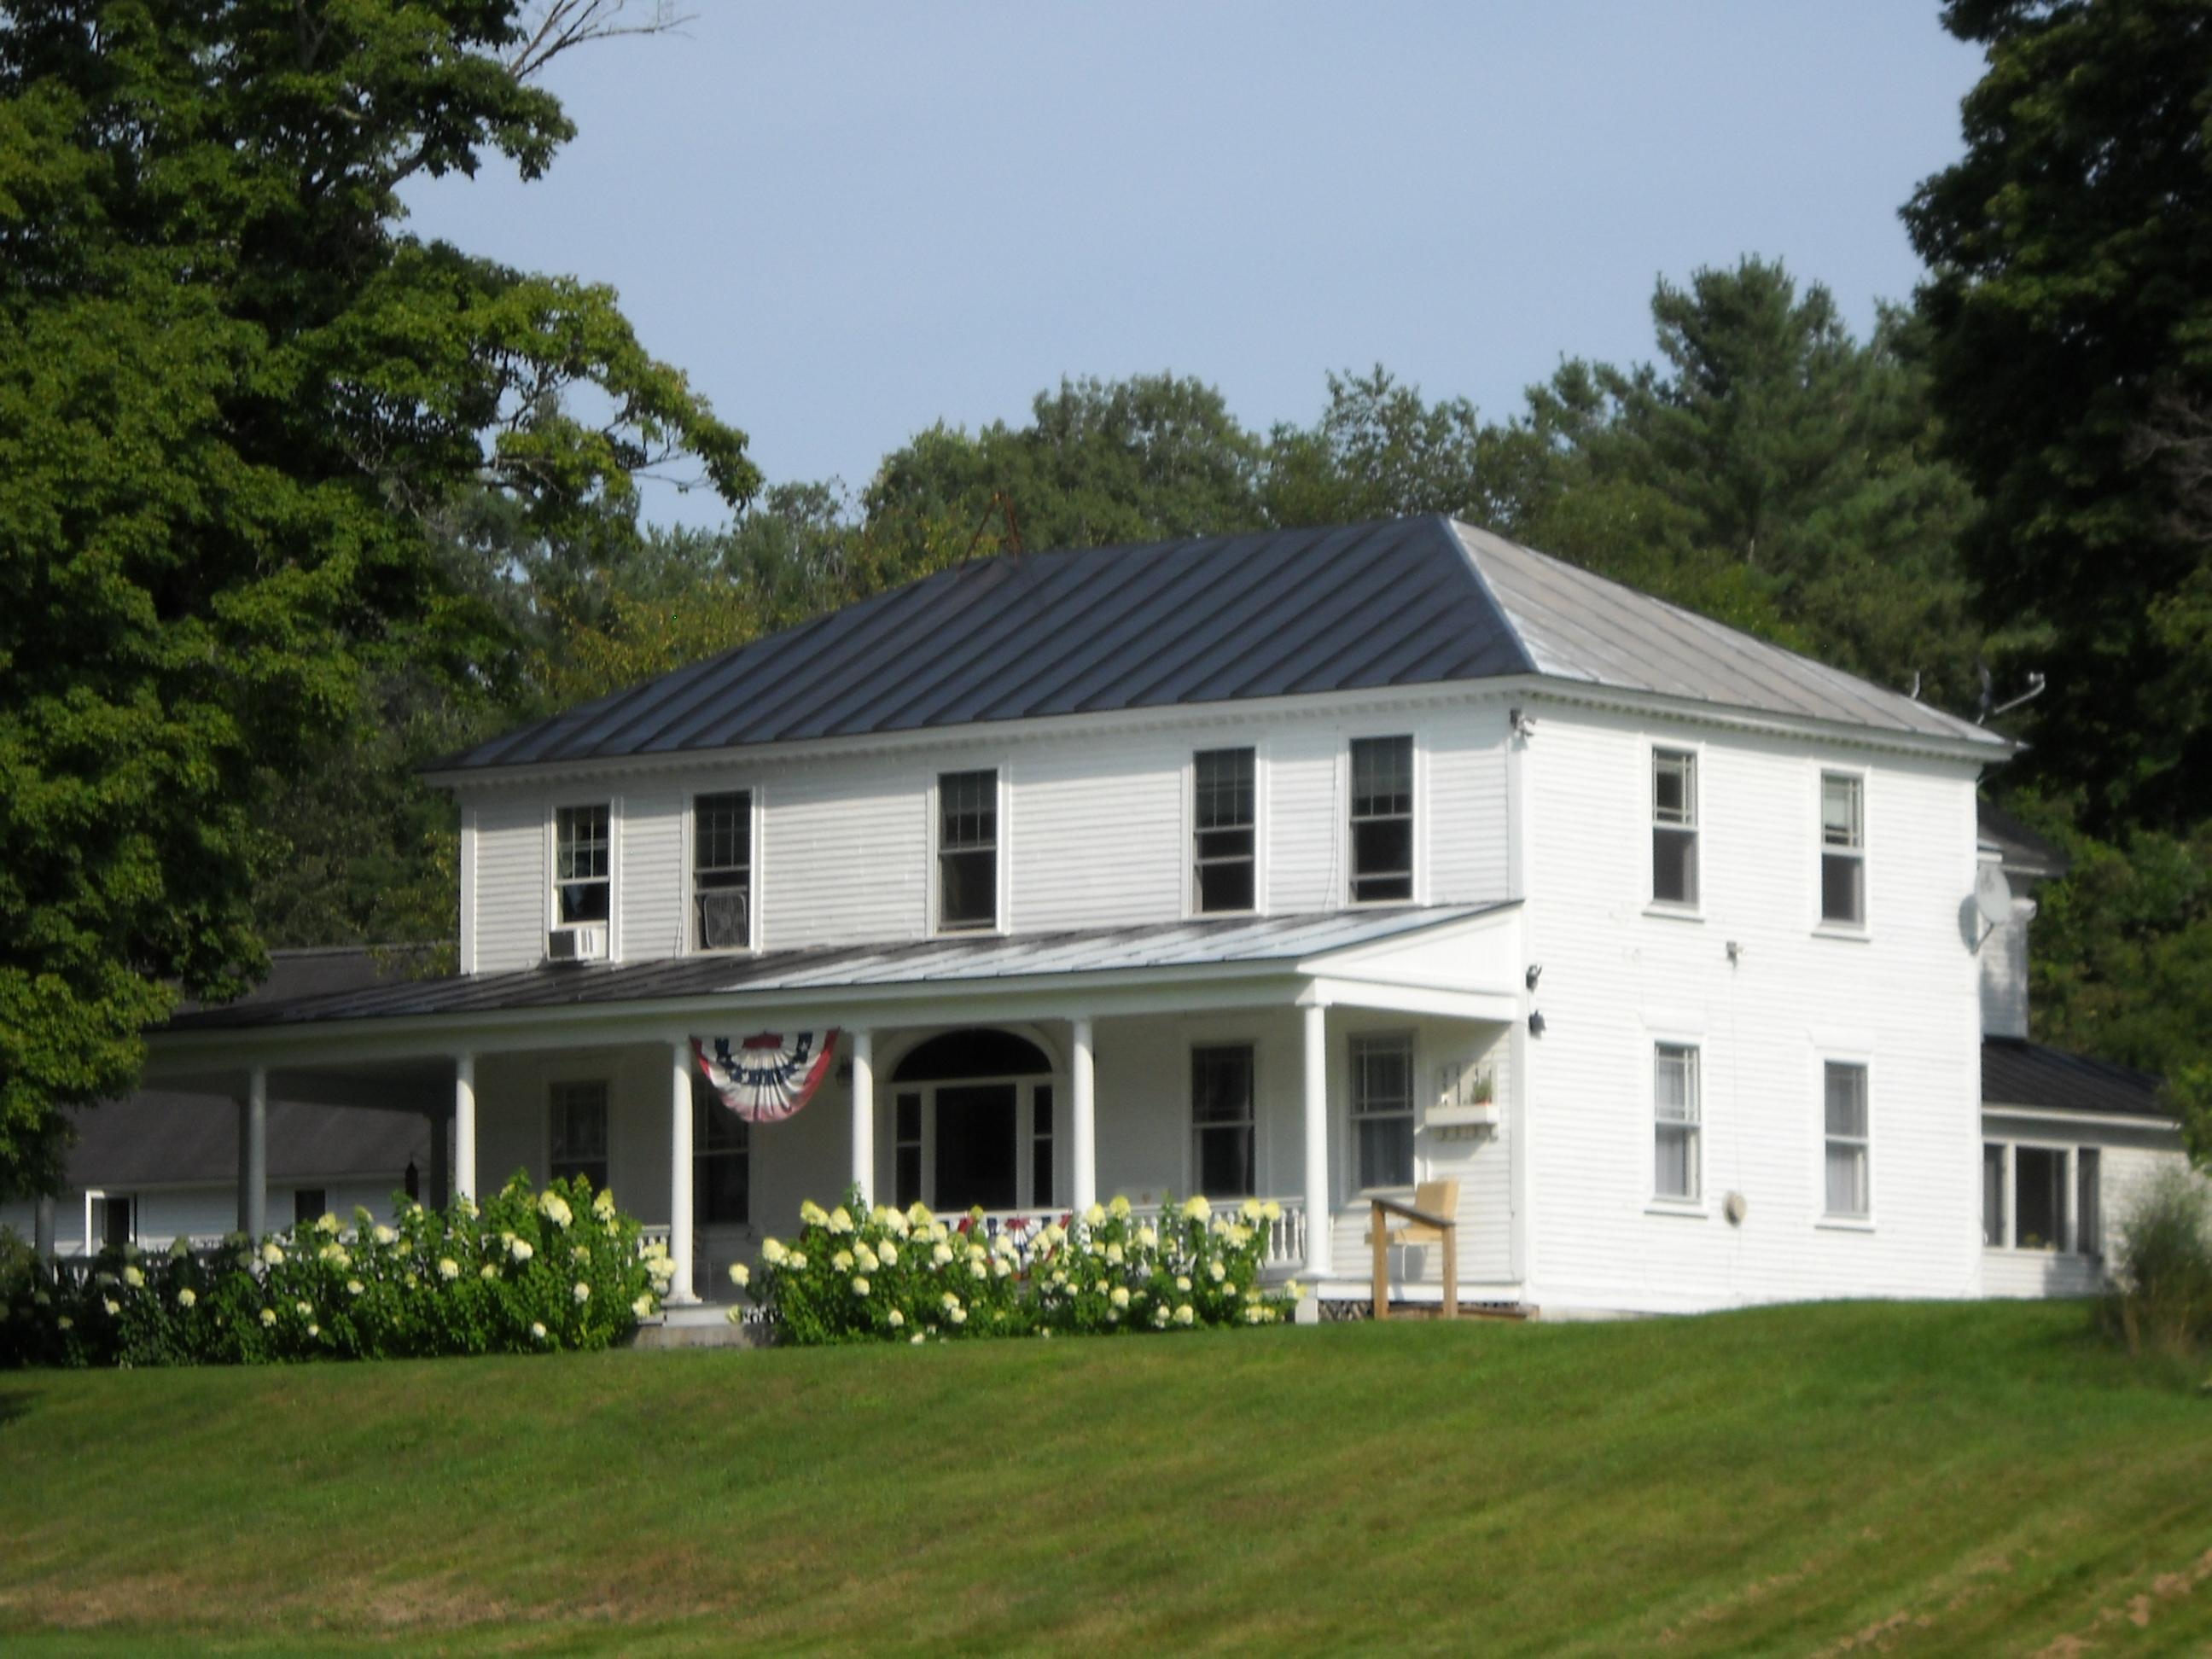 Casa Multifamiliar por un Venta en 394 Rte 10, Orford Orford, Nueva Hampshire, 03777 Estados Unidos